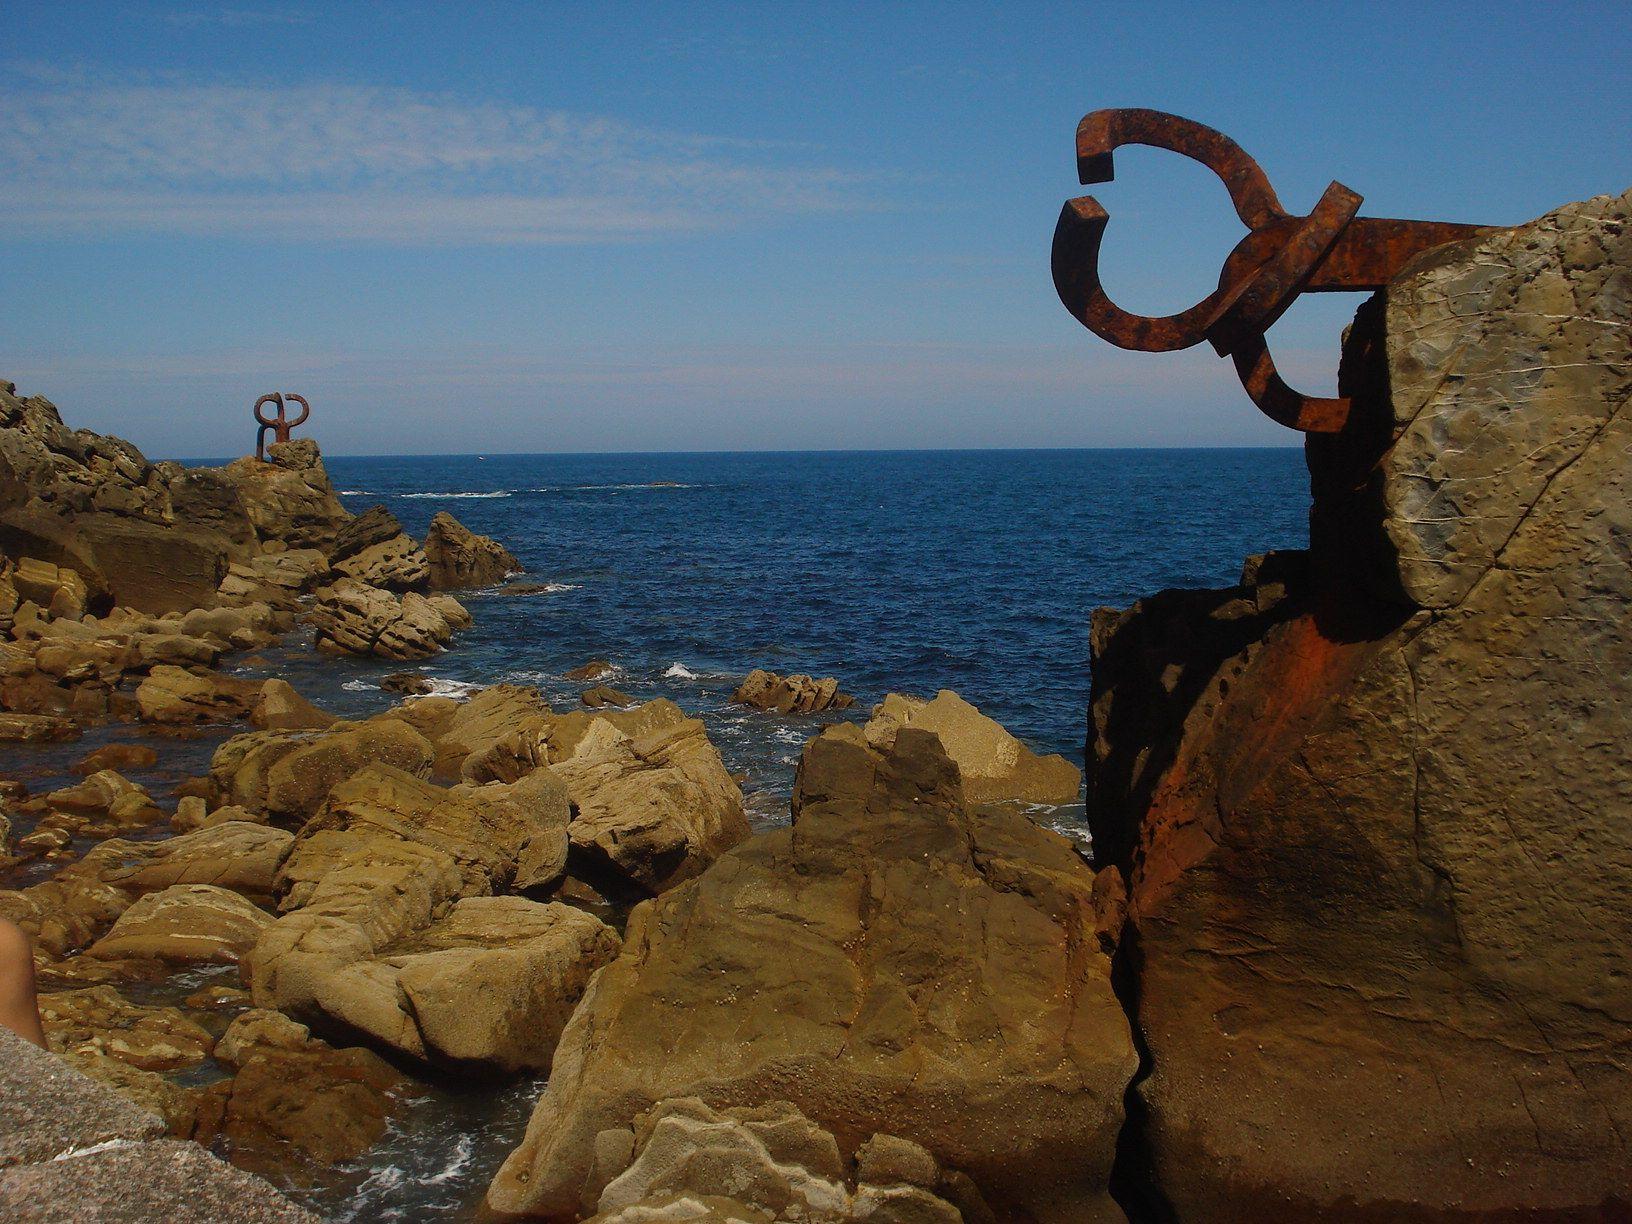 El peine del Viento, Donostia/San Sebastian, España.